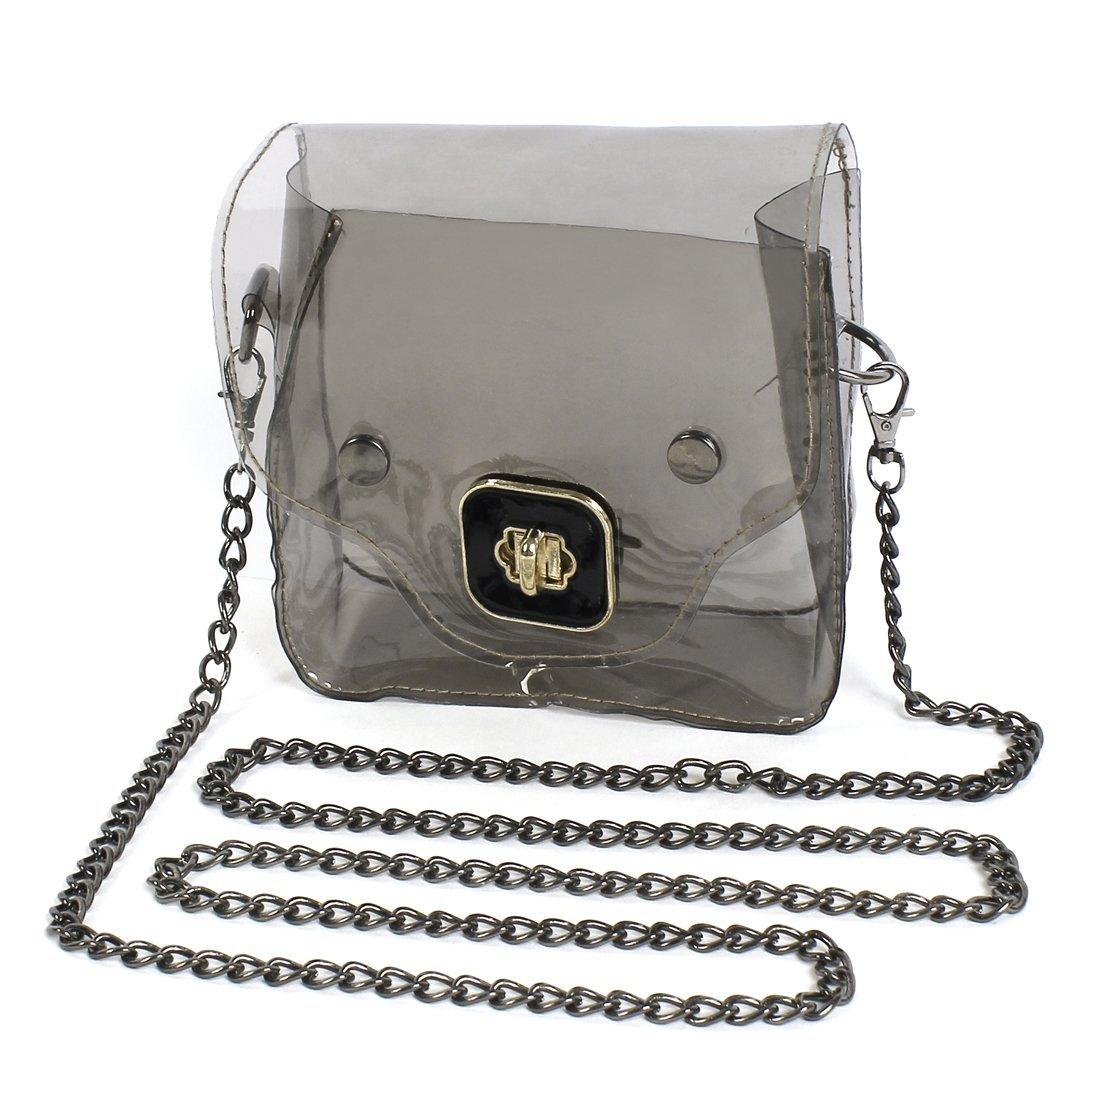 Новый Желе прозрачная сумка женская обувь; маленькие Чиан Сумка хозяйственная притон сумки